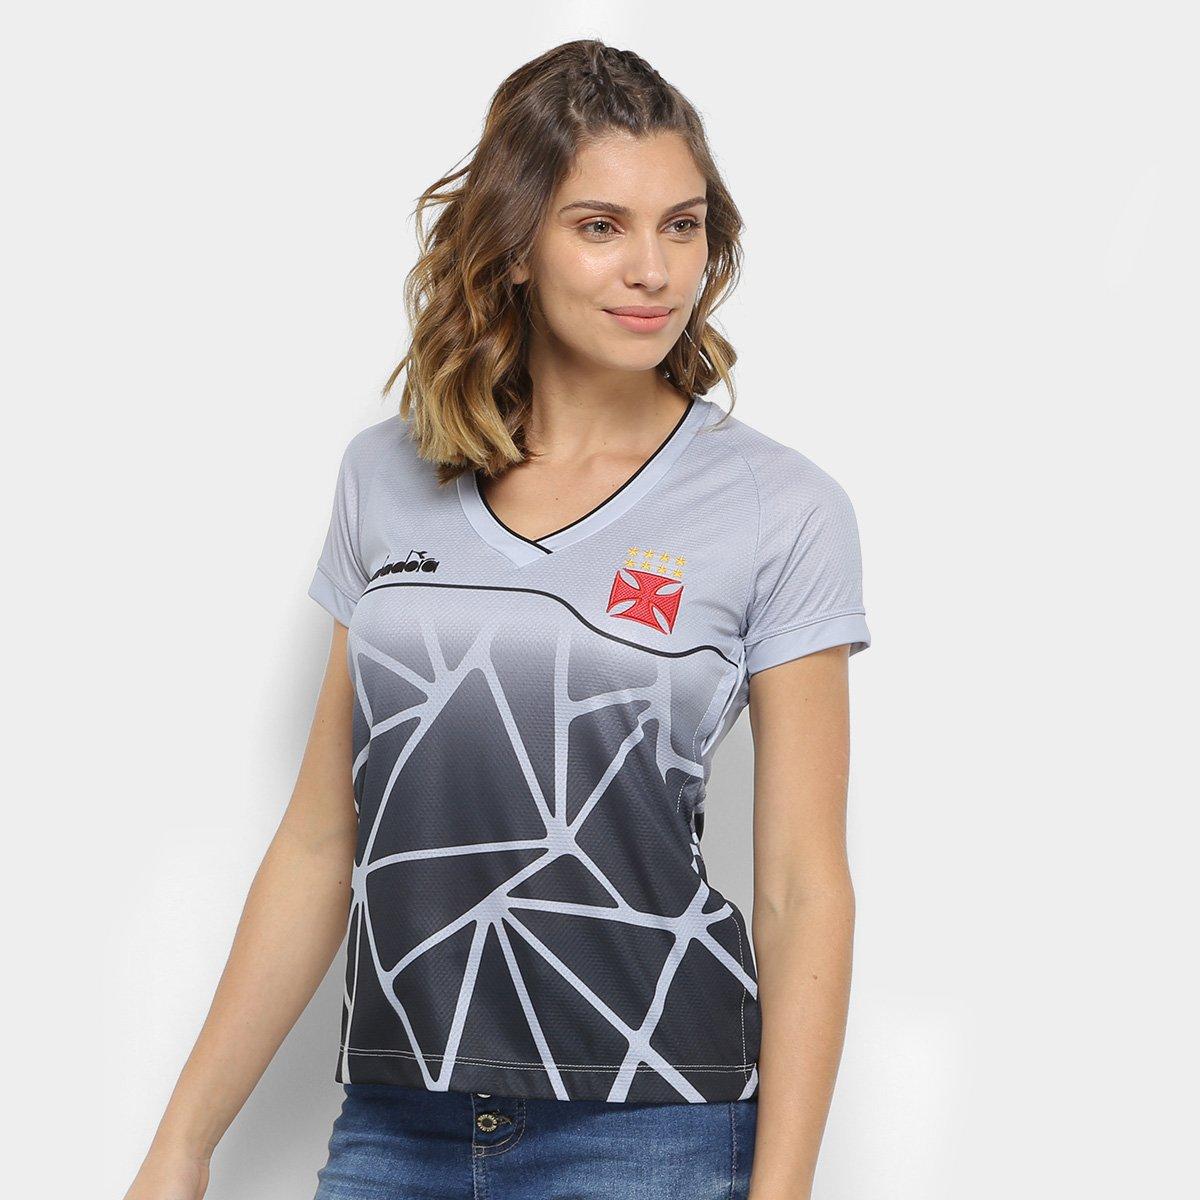 Camisa Vasco Treino 2018 Diadora Feminina - Prata - Compre Agora ... ea08a16fdc87f